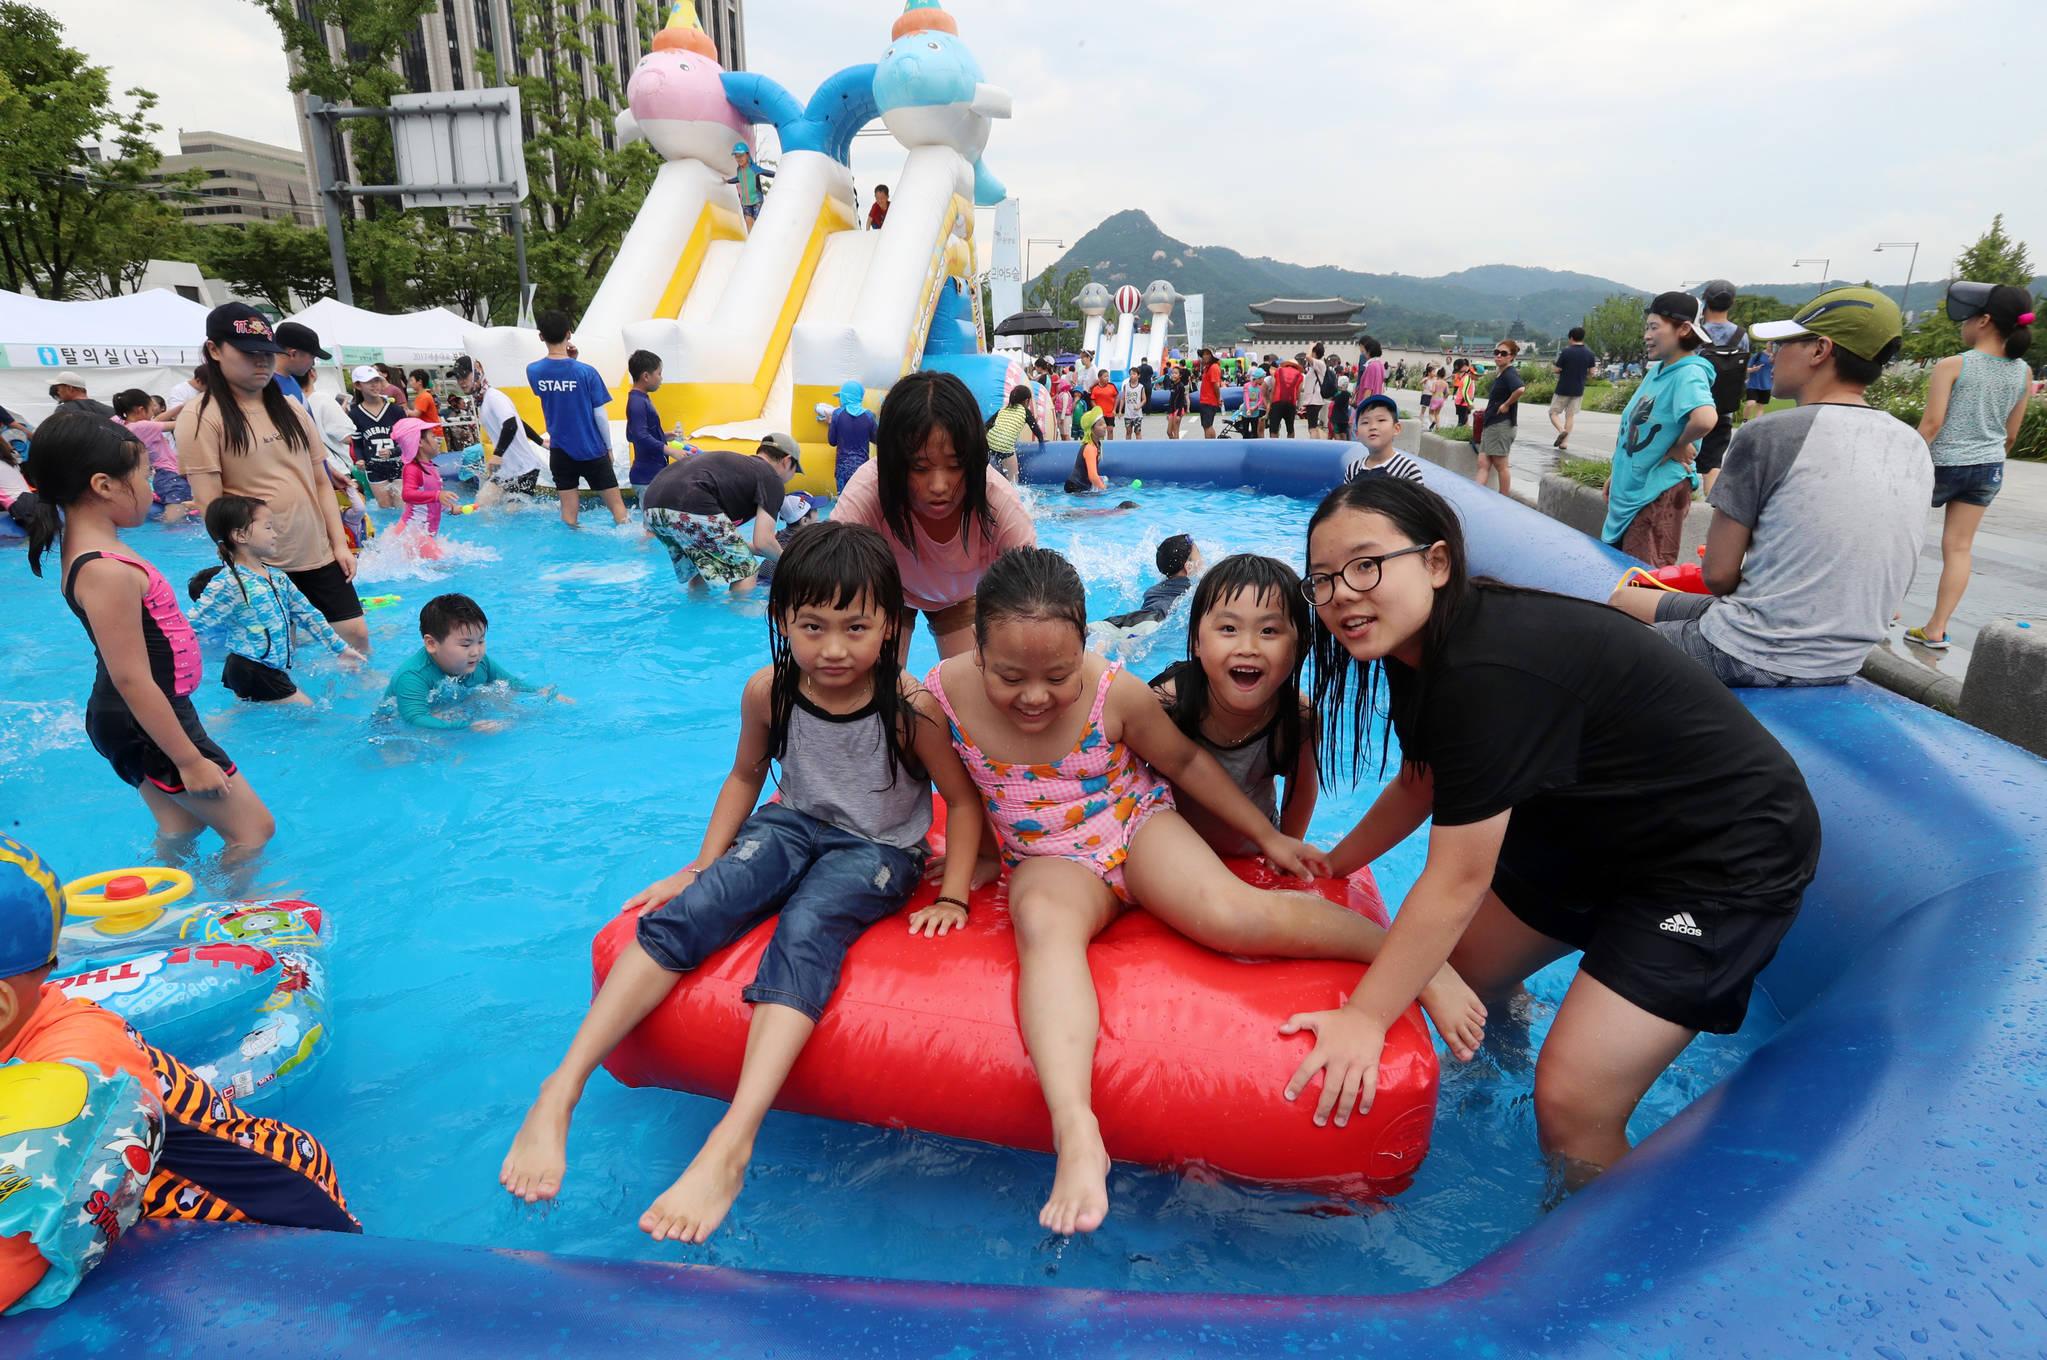 6일 오후 서울 종로구 세종대로에 마련된 수영장에서 어린이들이 물놀이를 하고 있다.조문규 기자